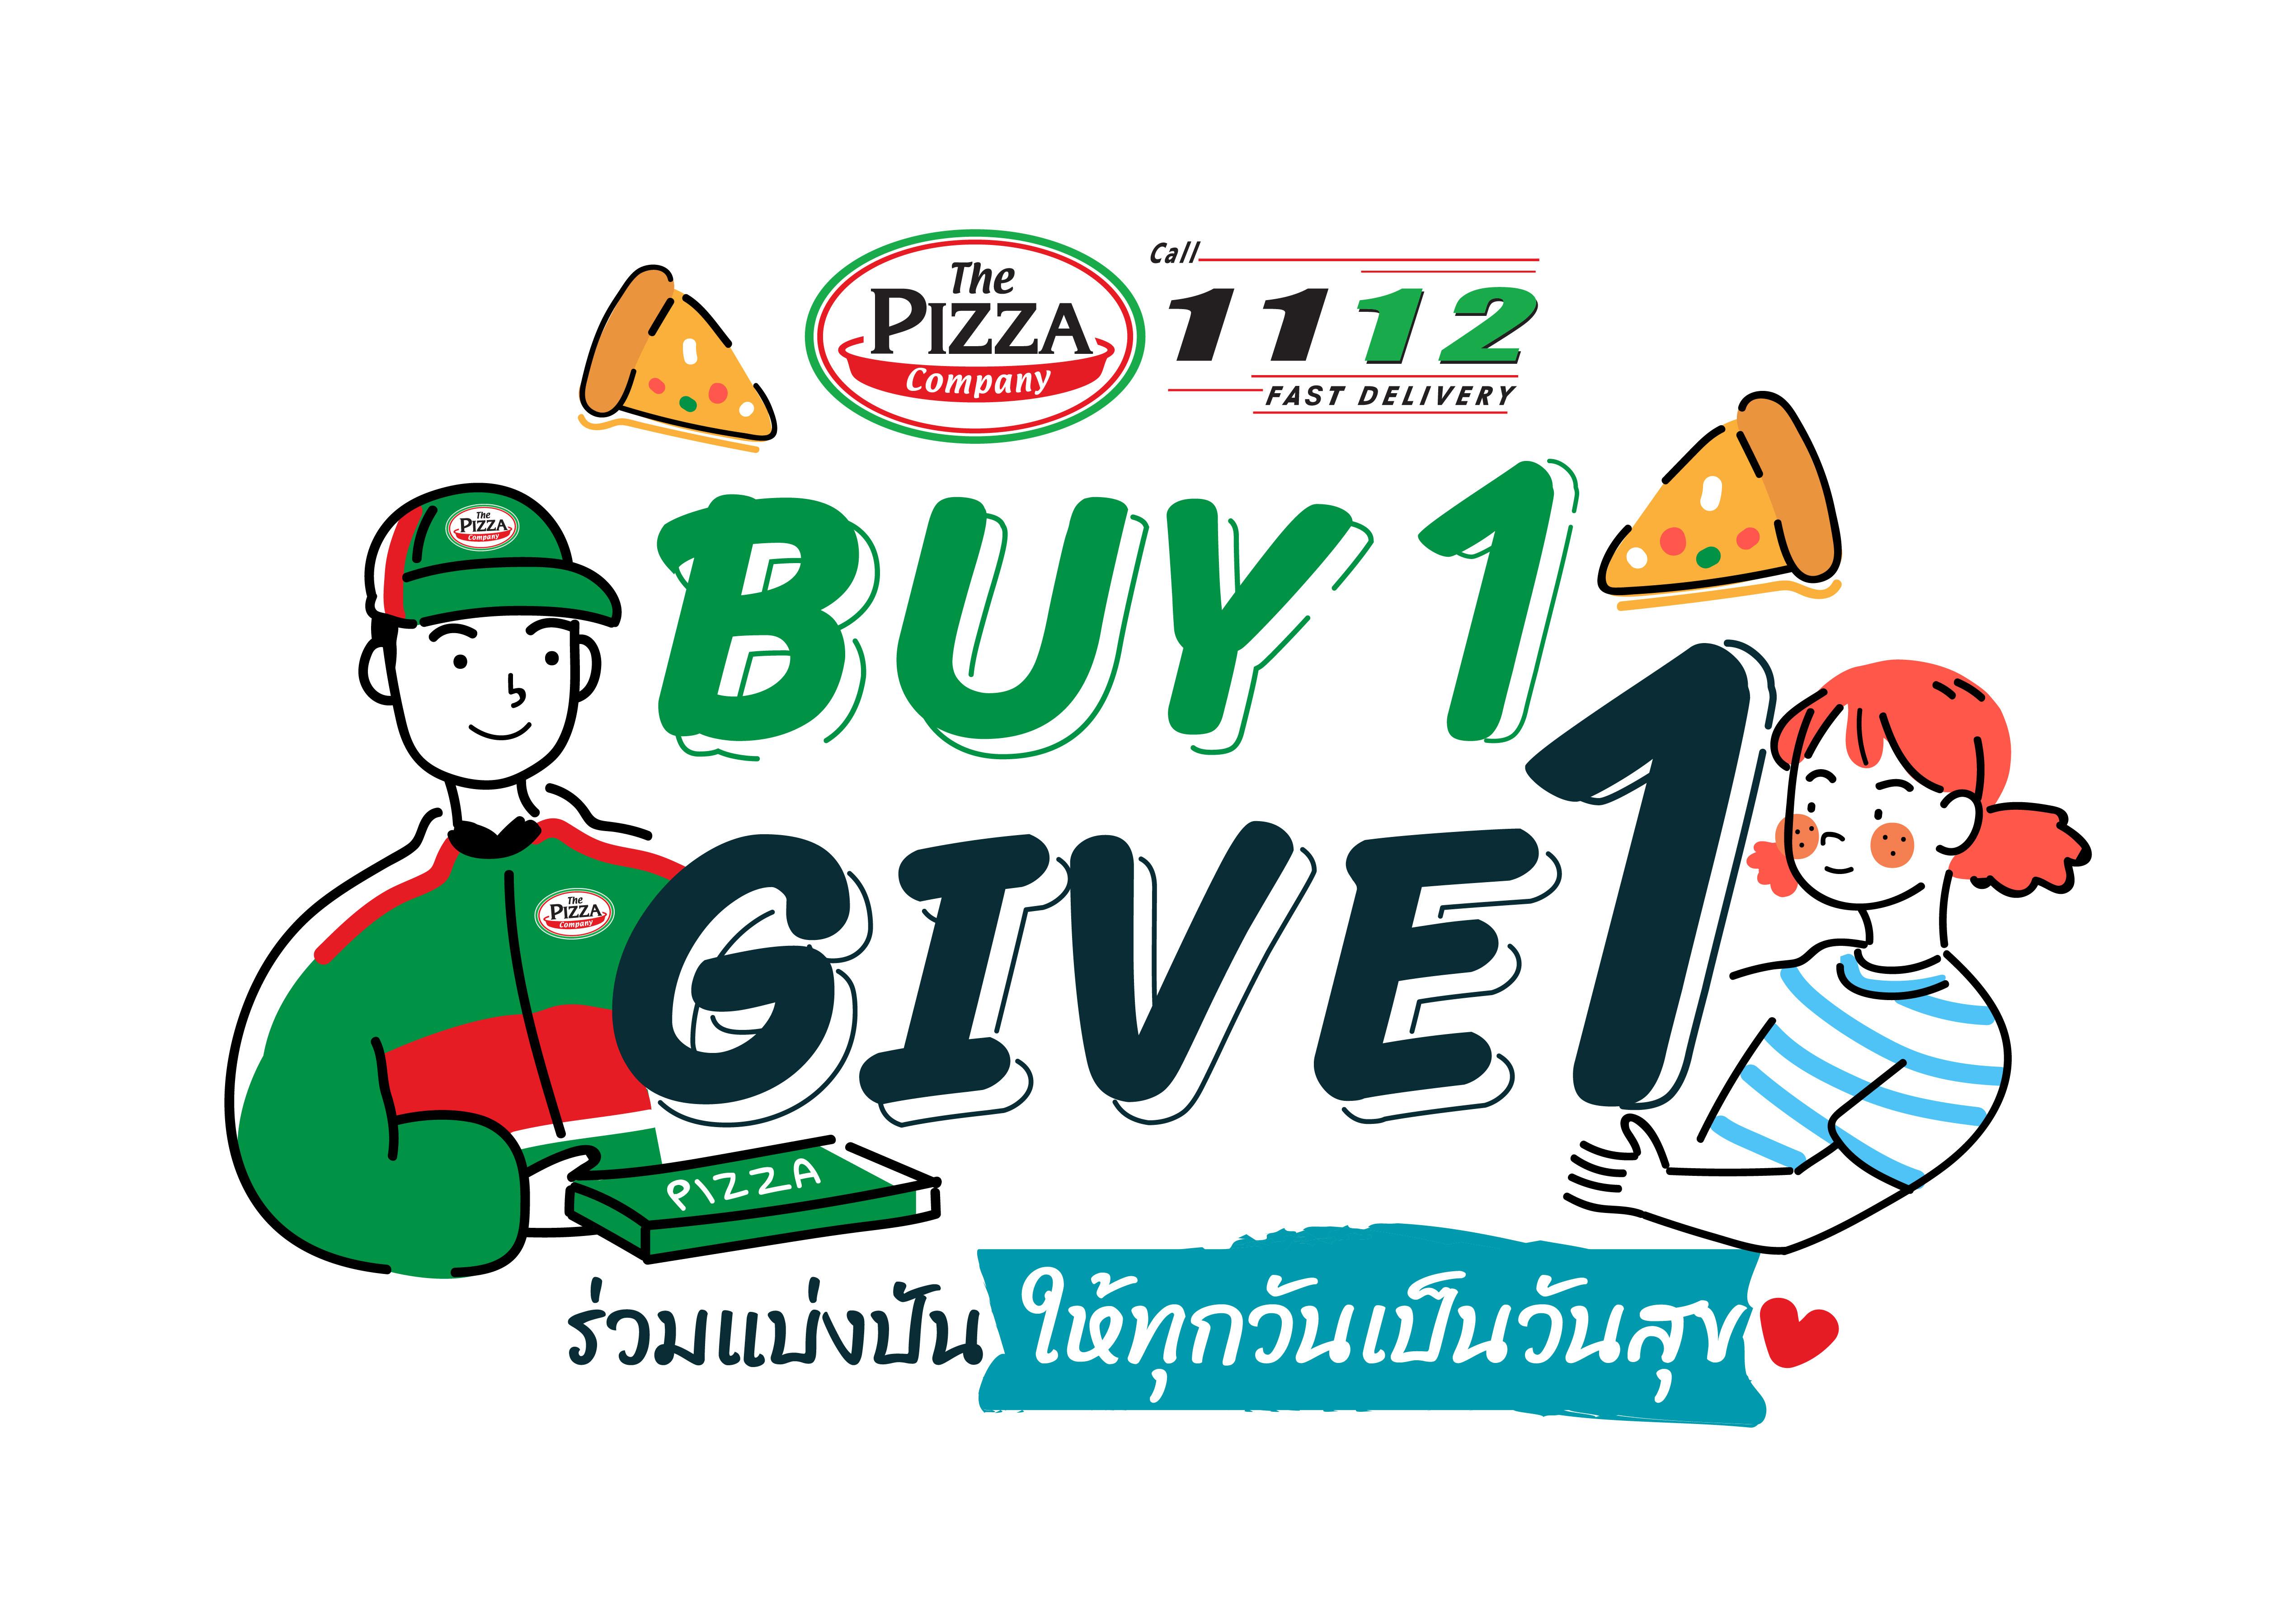 """อีกมุมของการปันสุขกับ """"เดอะพิซซ่า คอมปะนี"""" """"ซื้อ 1 ให้ 1"""" คุณอิ่มท้อง น้องอิ่มด้วย เลิฟสตอรี่ในสังคมไทยที่เรามีแต่การให้ซึ่งกันและกัน"""